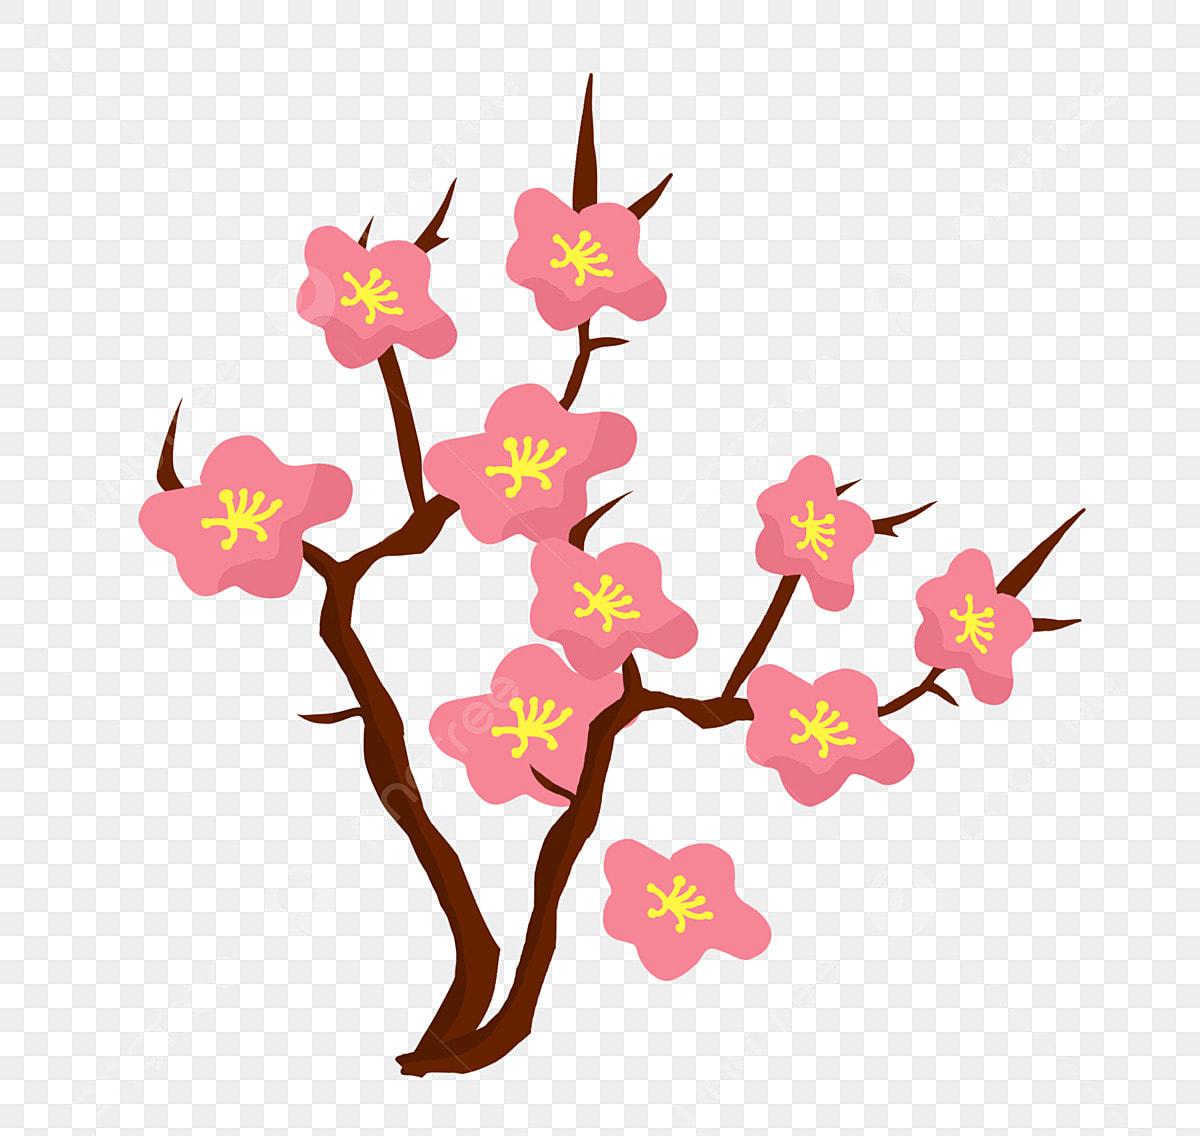 Plante De Dessin Anime De Fleurs De Cerisier Japonais Clipart Fleur De Cerisier Plante Fleur De Cerisier Fichier Png Et Psd Pour Le Telechargement Libre